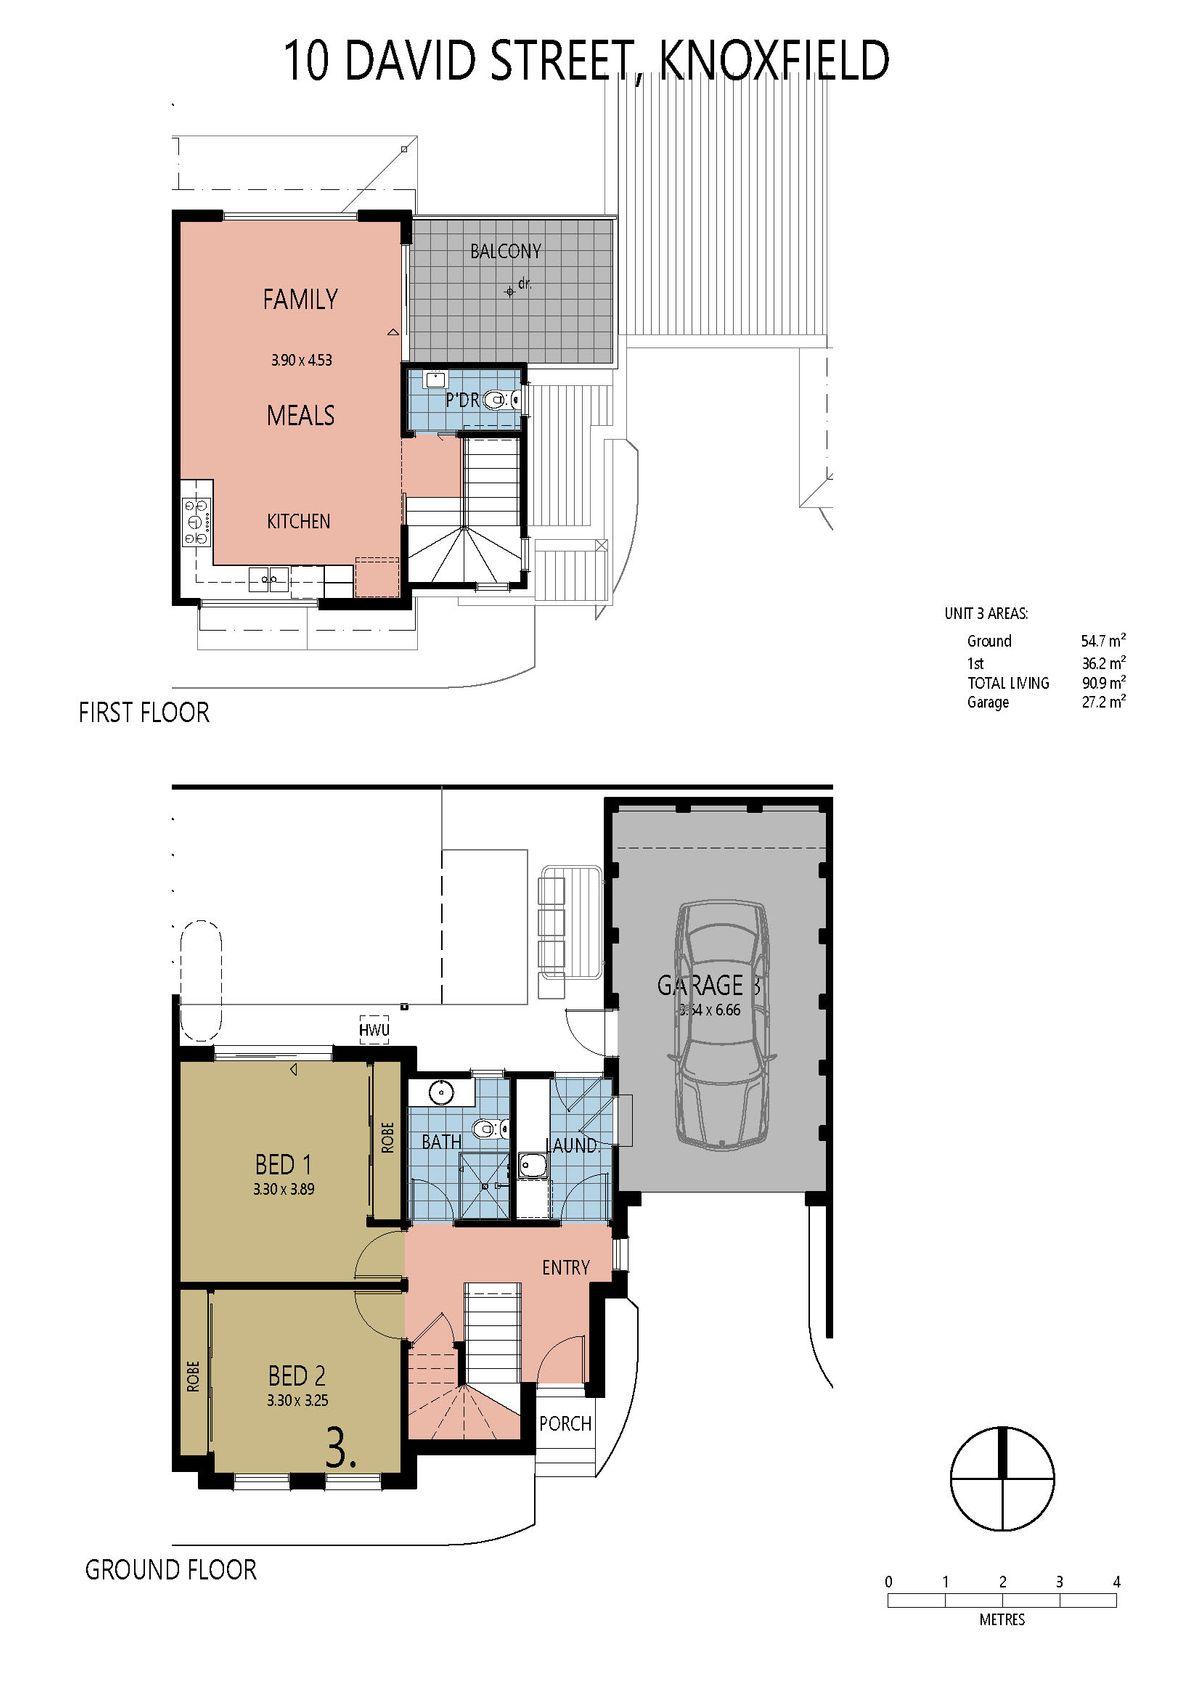 Lot 1,2,3,4/10 David Street, Knoxfield, VIC 3180